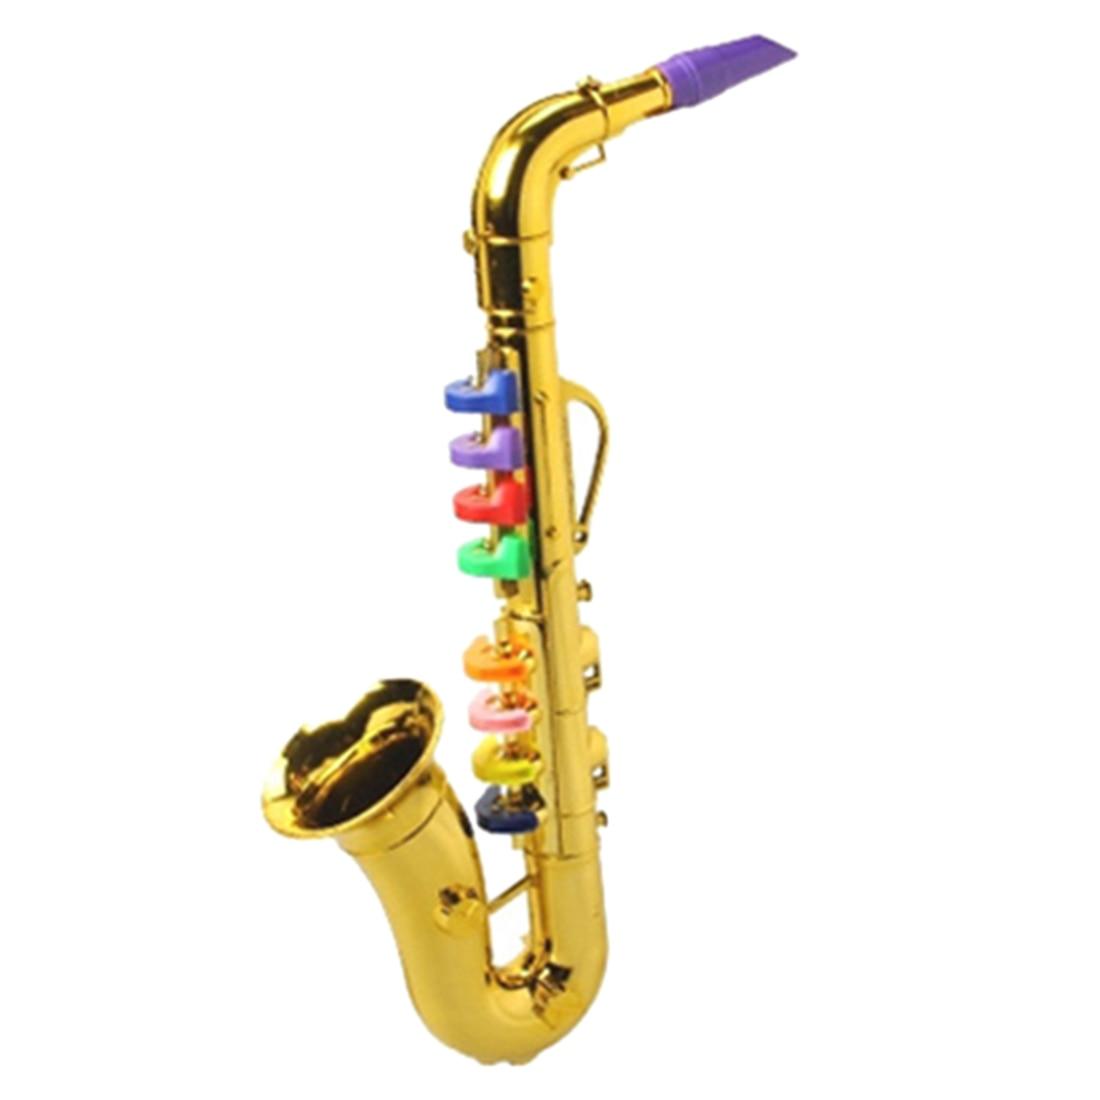 educacional brinquedo musical criancas brinquedos festa aderecos 05